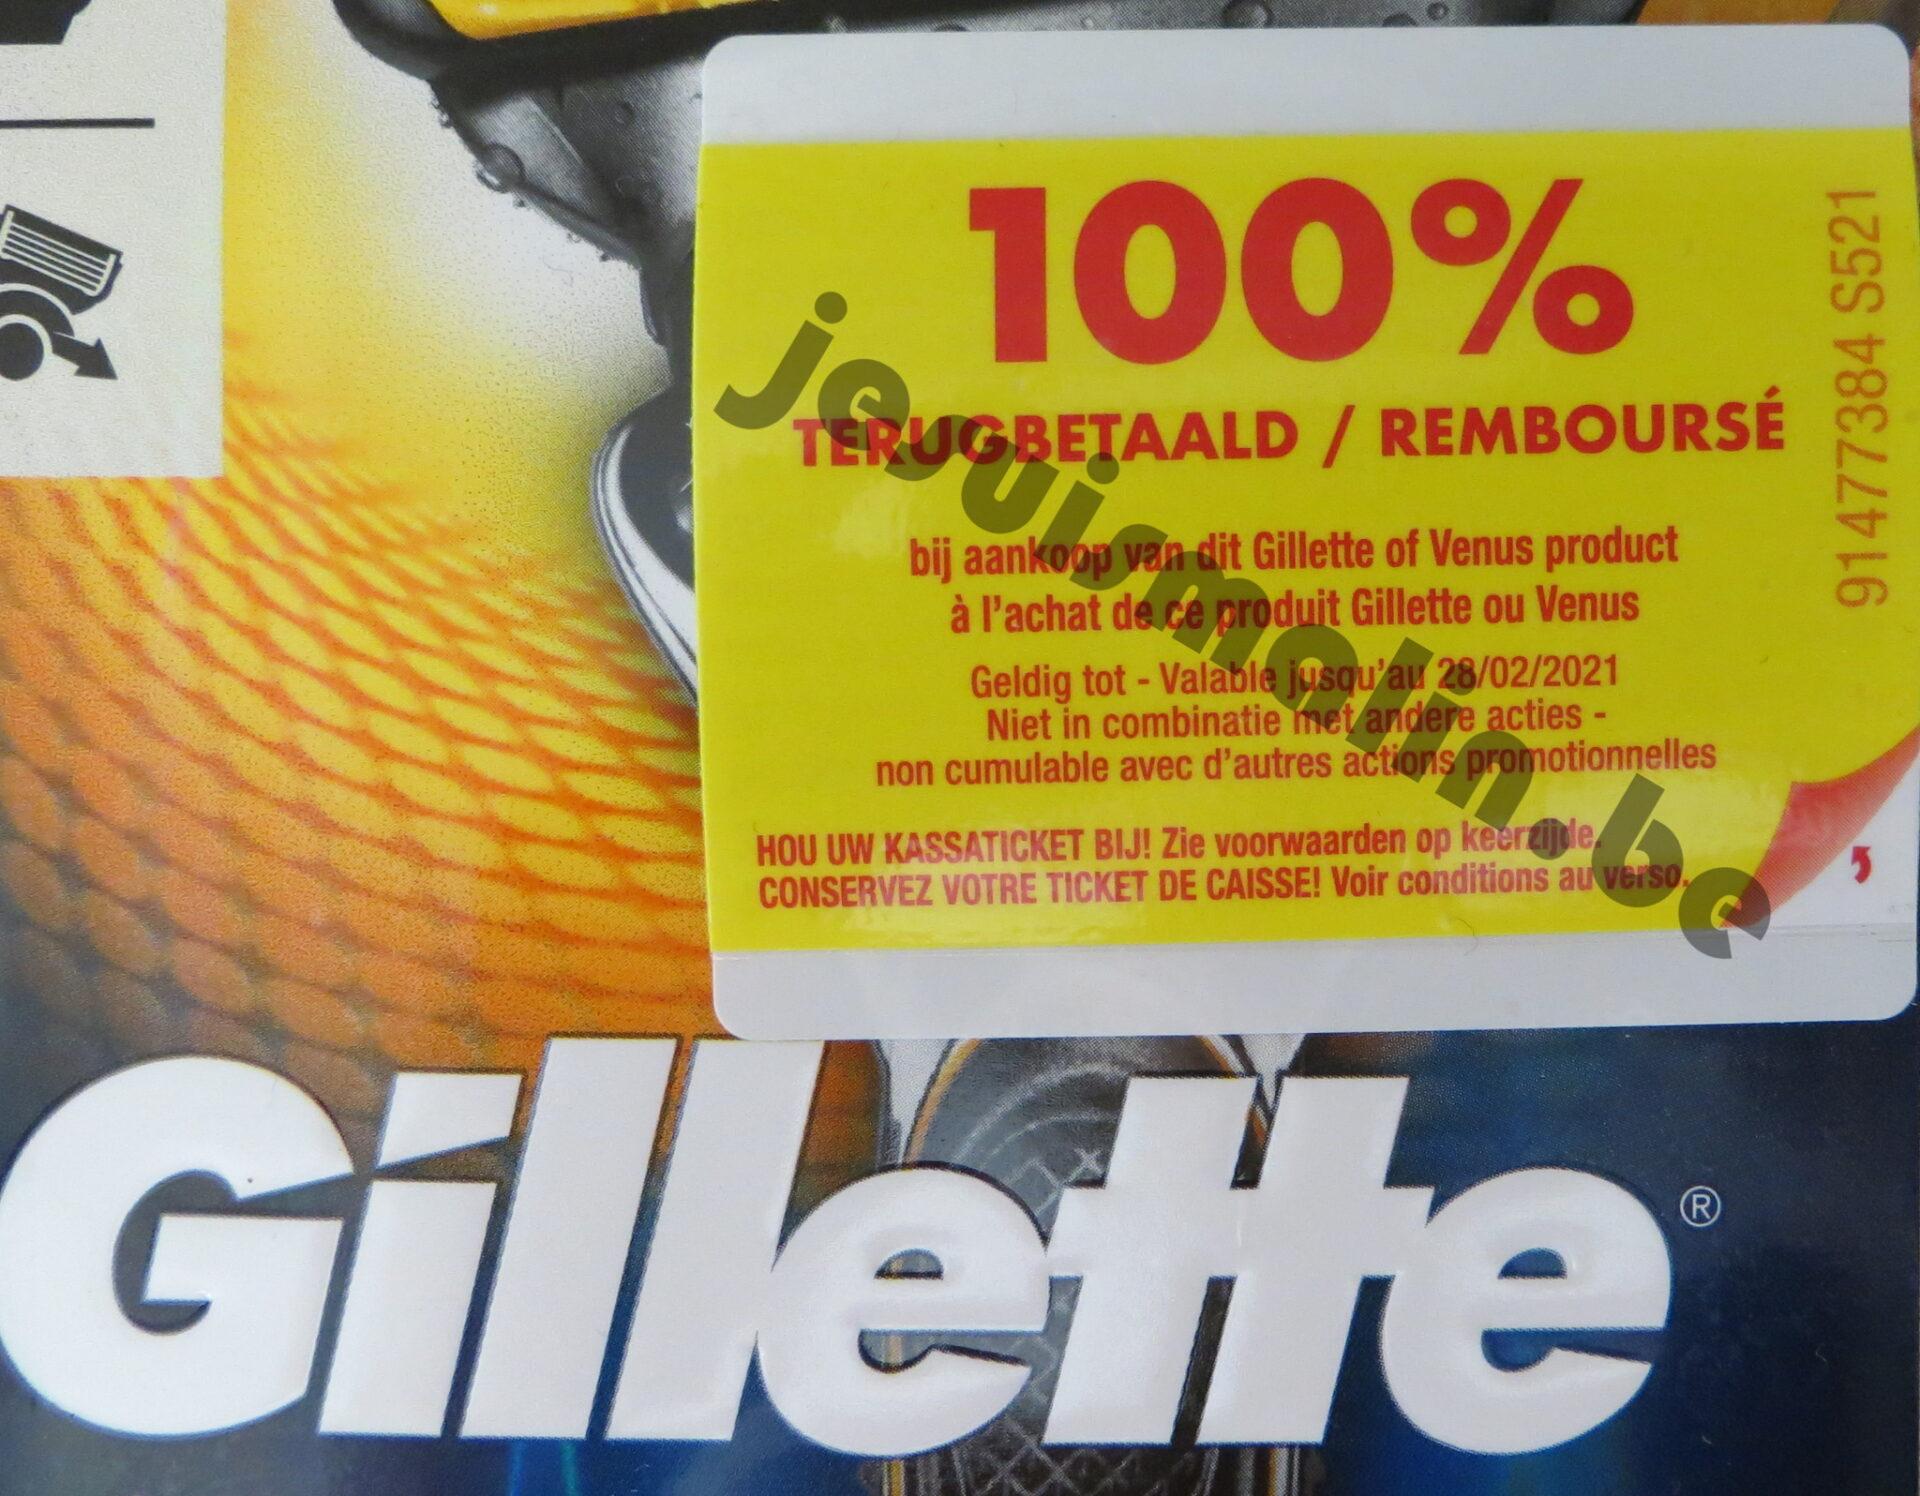 Rasoir Gillette ou Venus 100% remboursé